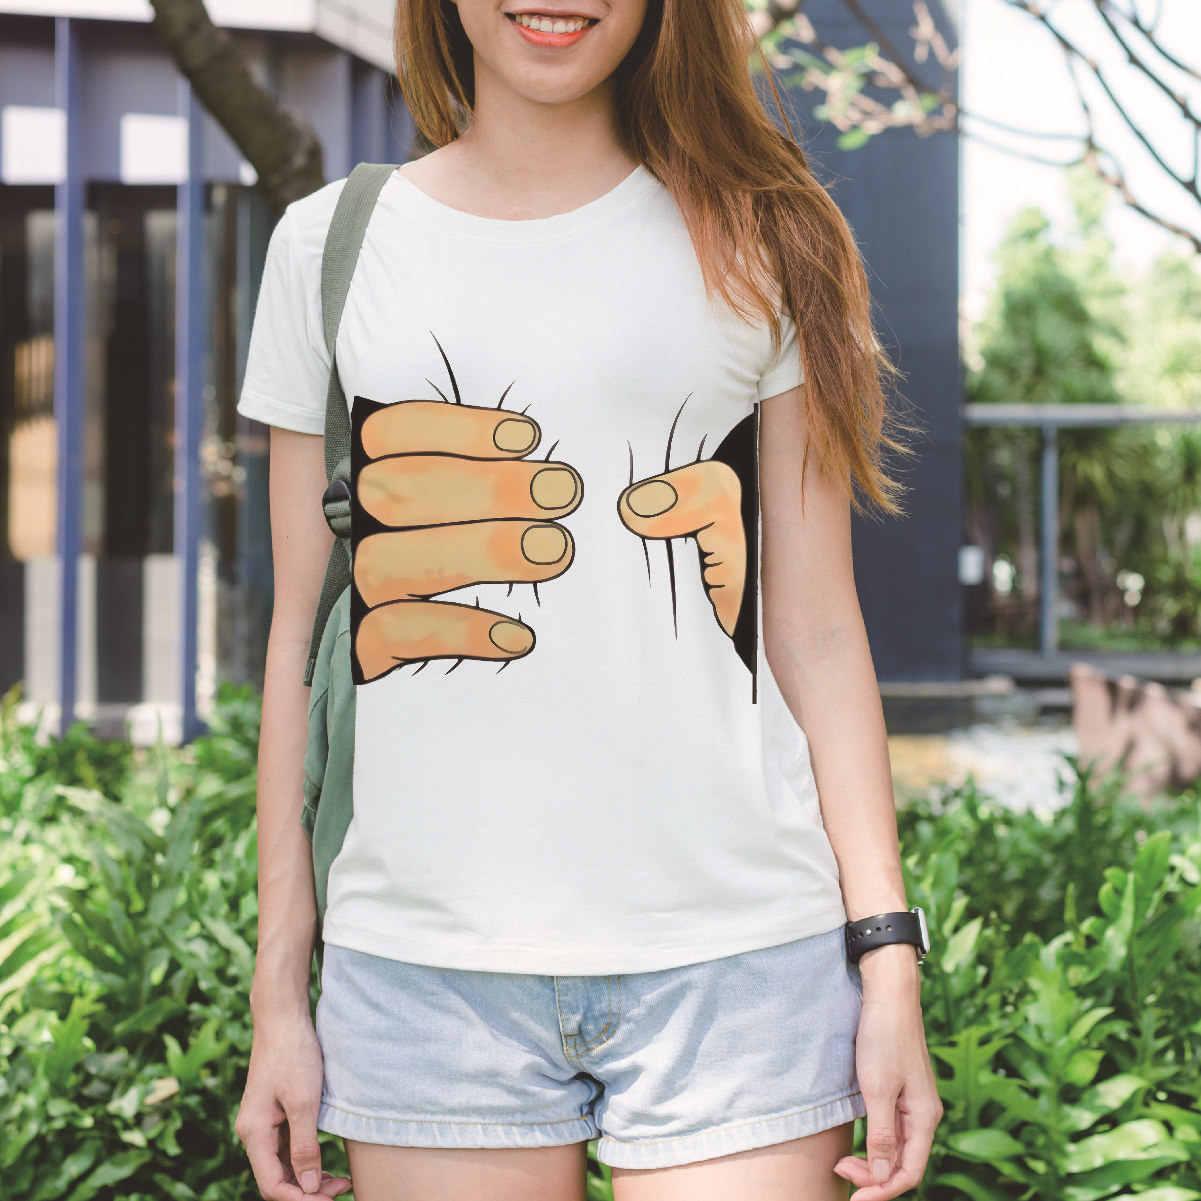 Sondirane ใหม่มาถึง 3D มือกราฟิก Tees ผู้หญิงฤดูร้อนแขนสั้น Harajuku T เสื้อลำลองตลก Tees PLUS ขนาด